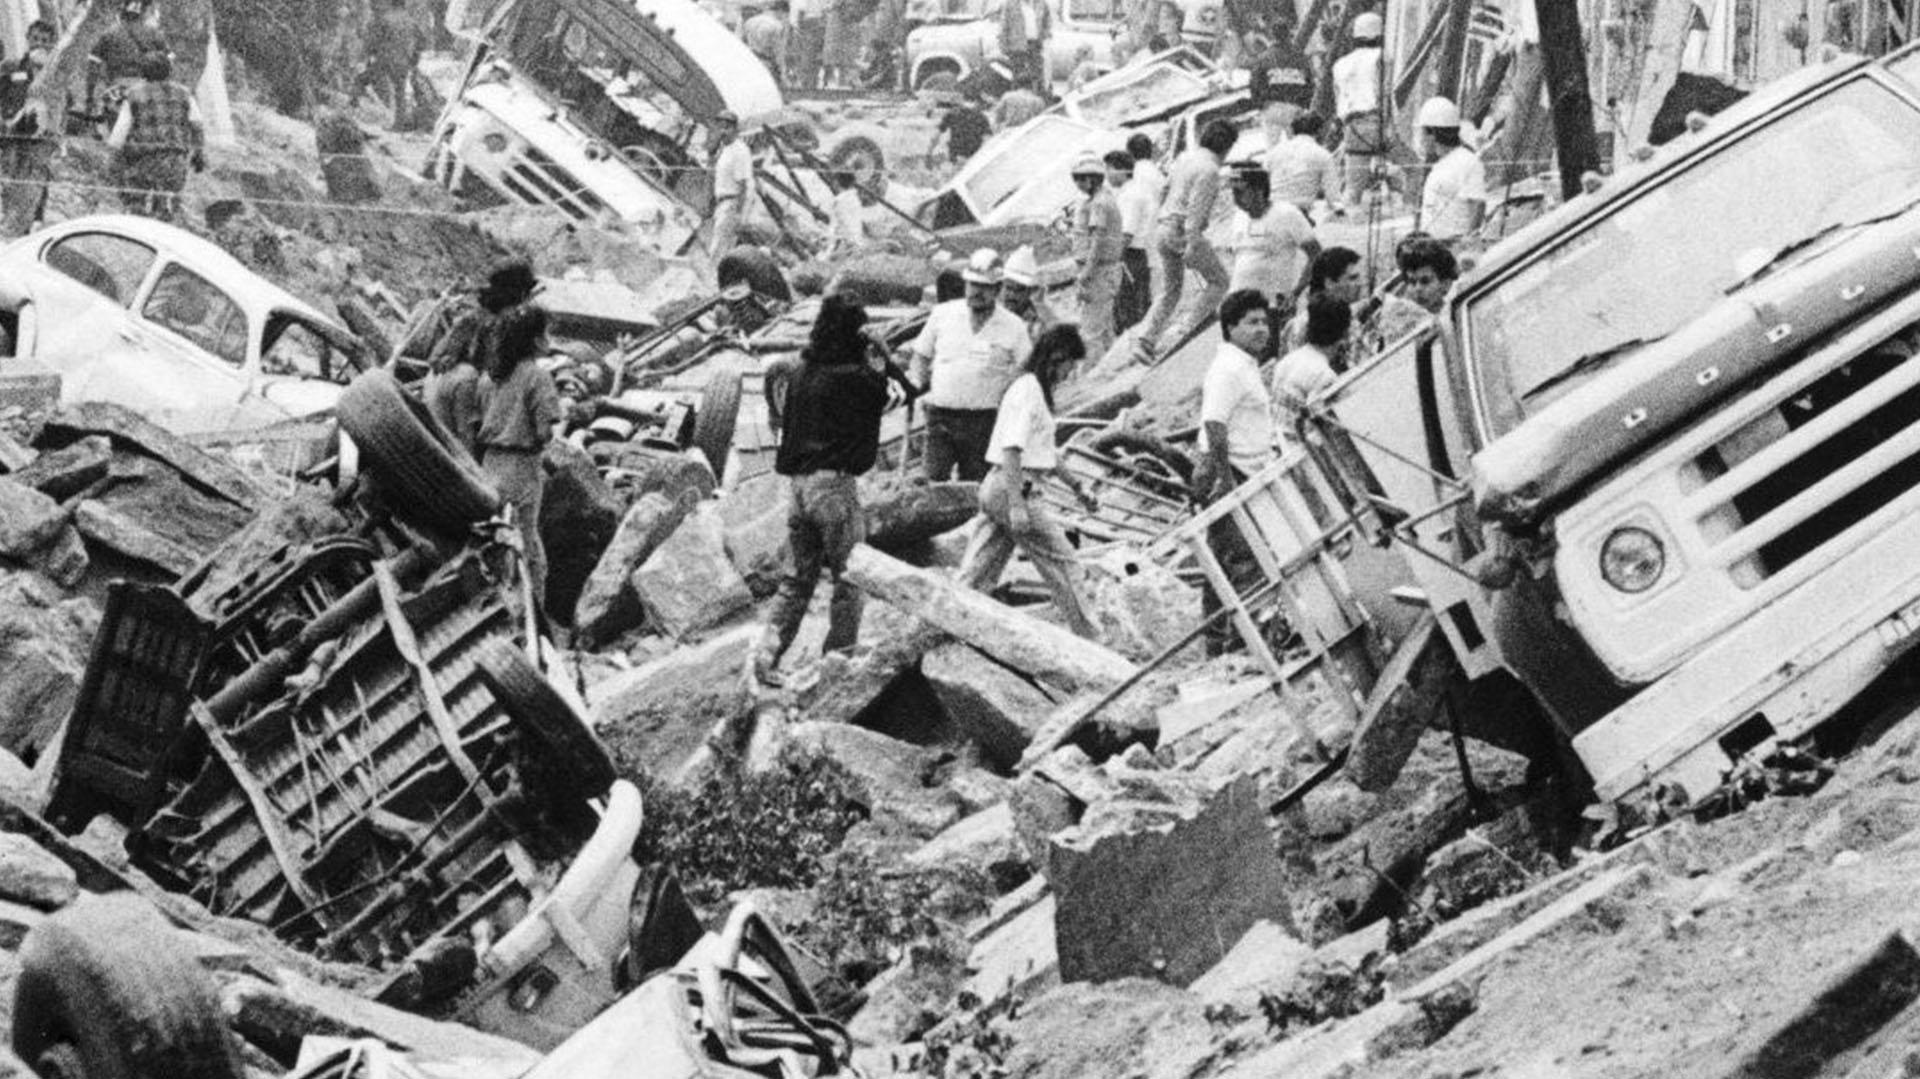 Testigos por las explosiones describieron las escenas como dantescas (Foto: especial)